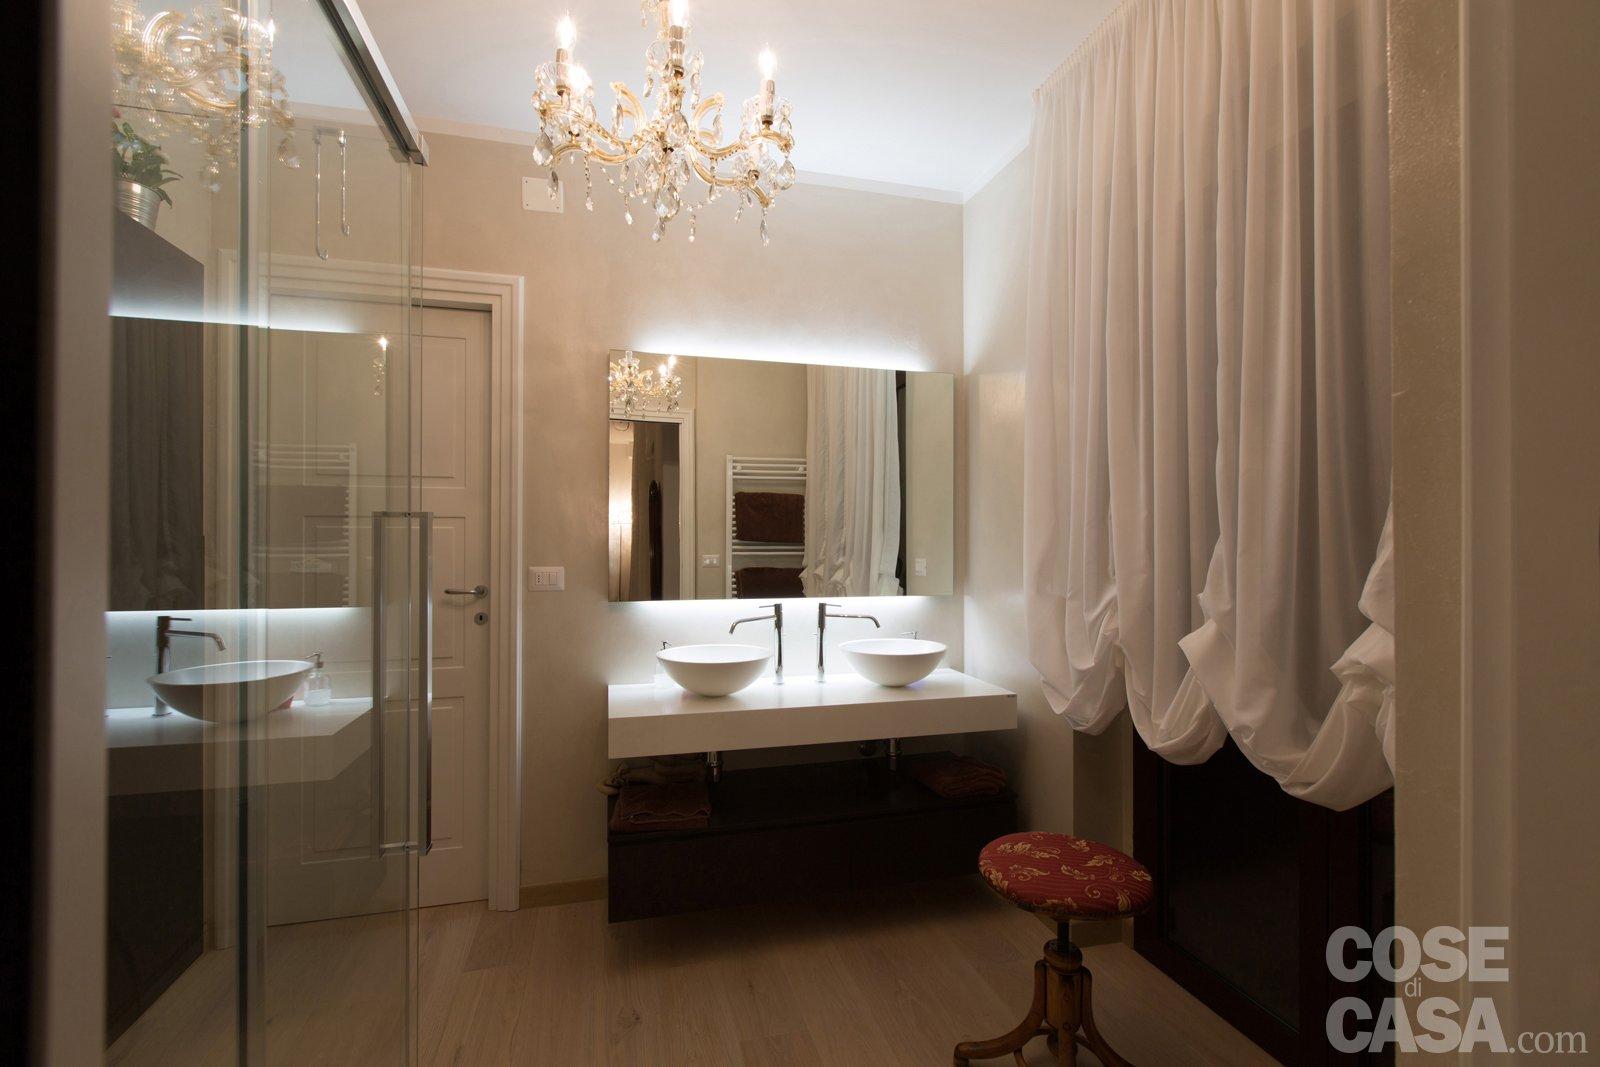 il bagno padronale preceduto da unantibagno attrezzato con armadi su misura le pareti sono rivestite con un materiale ecologico che sostituisce la